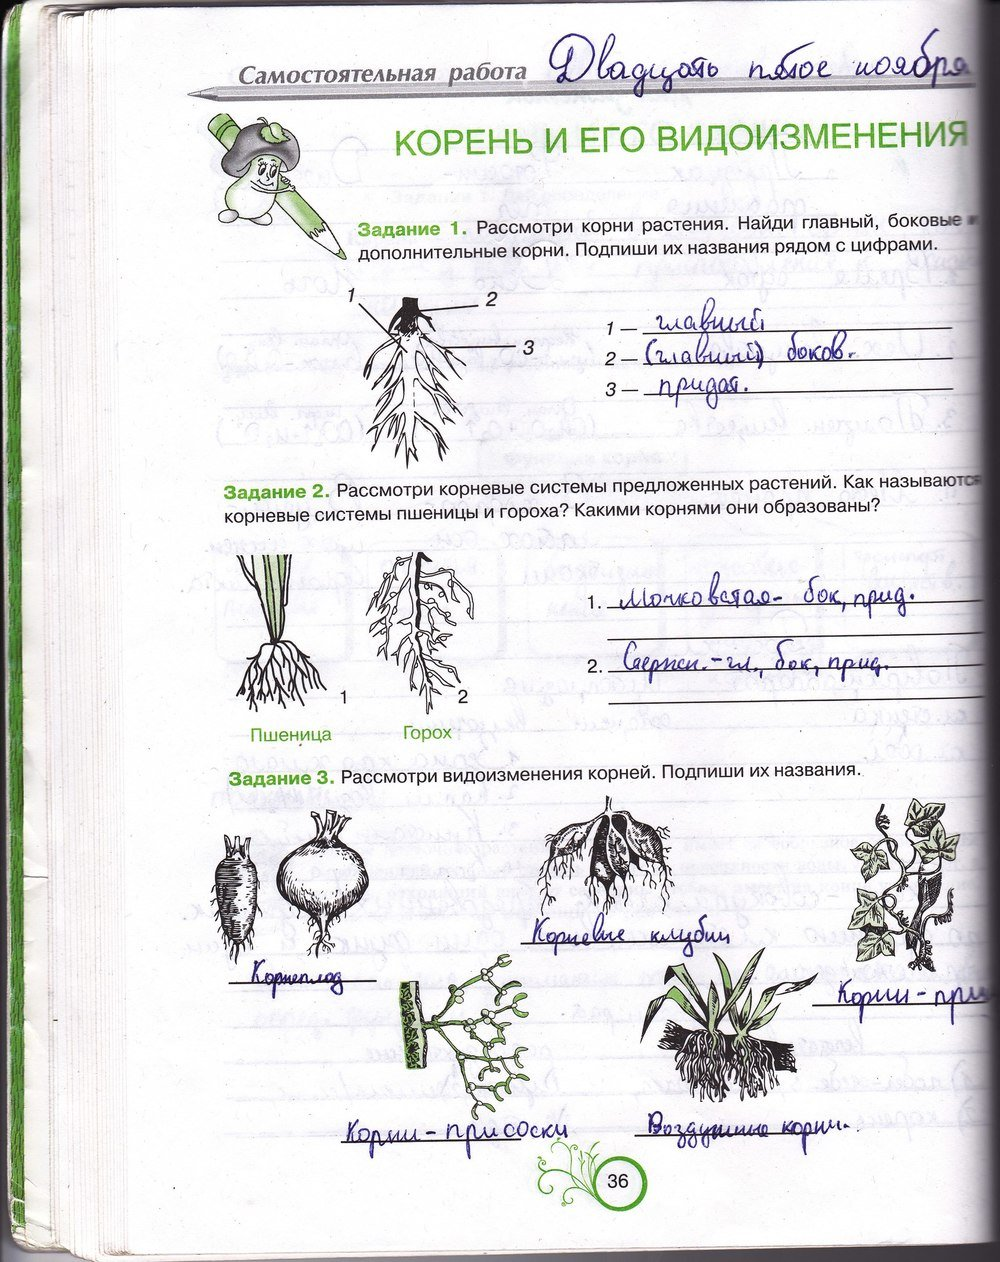 Биология 6 класс зошит гдз